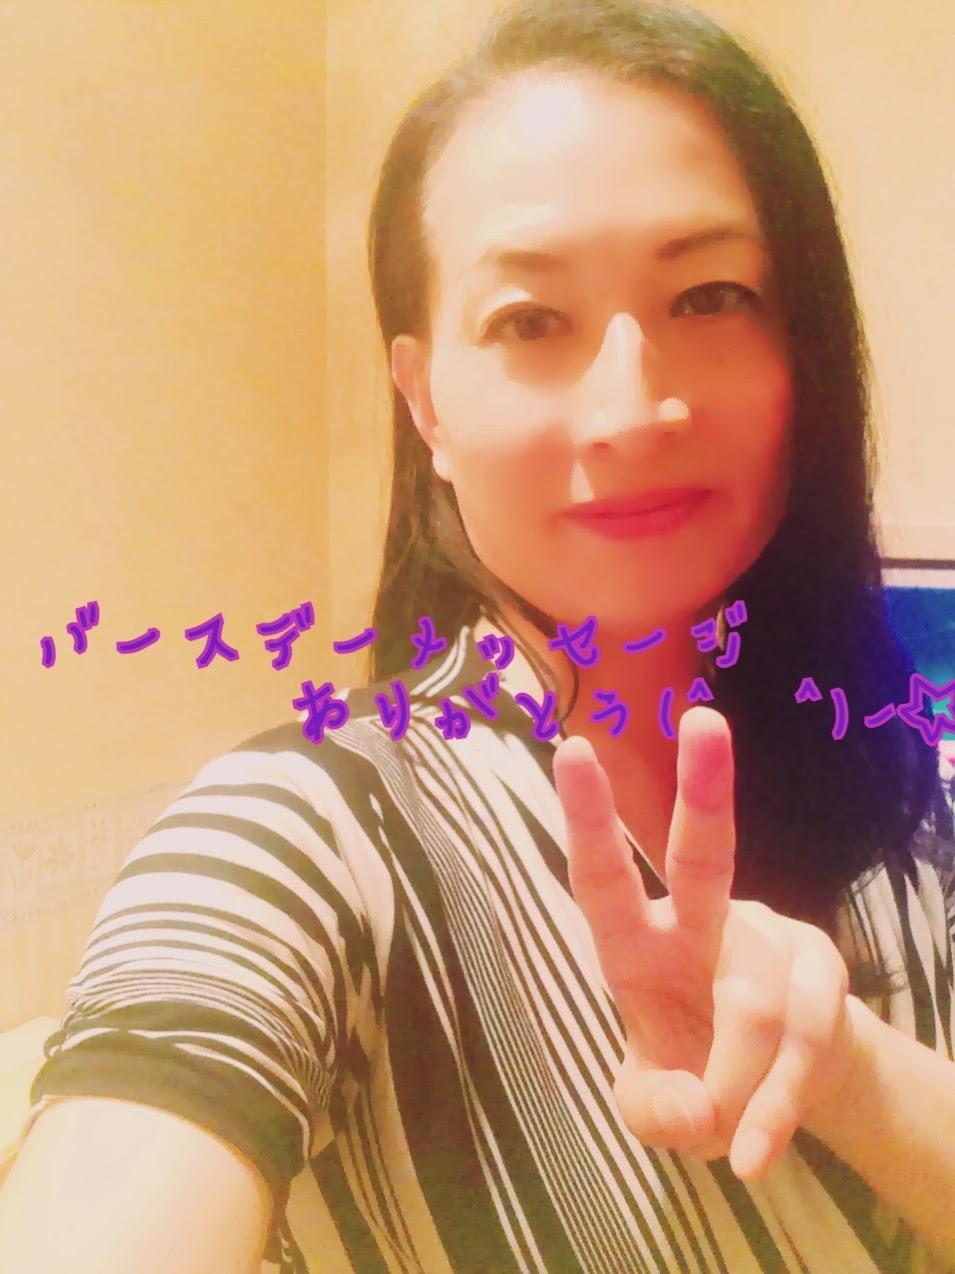 熟女NHヘルス孃・レディー舞の袖振り合うも他生の縁|Happy My Birthday (#^.^#)